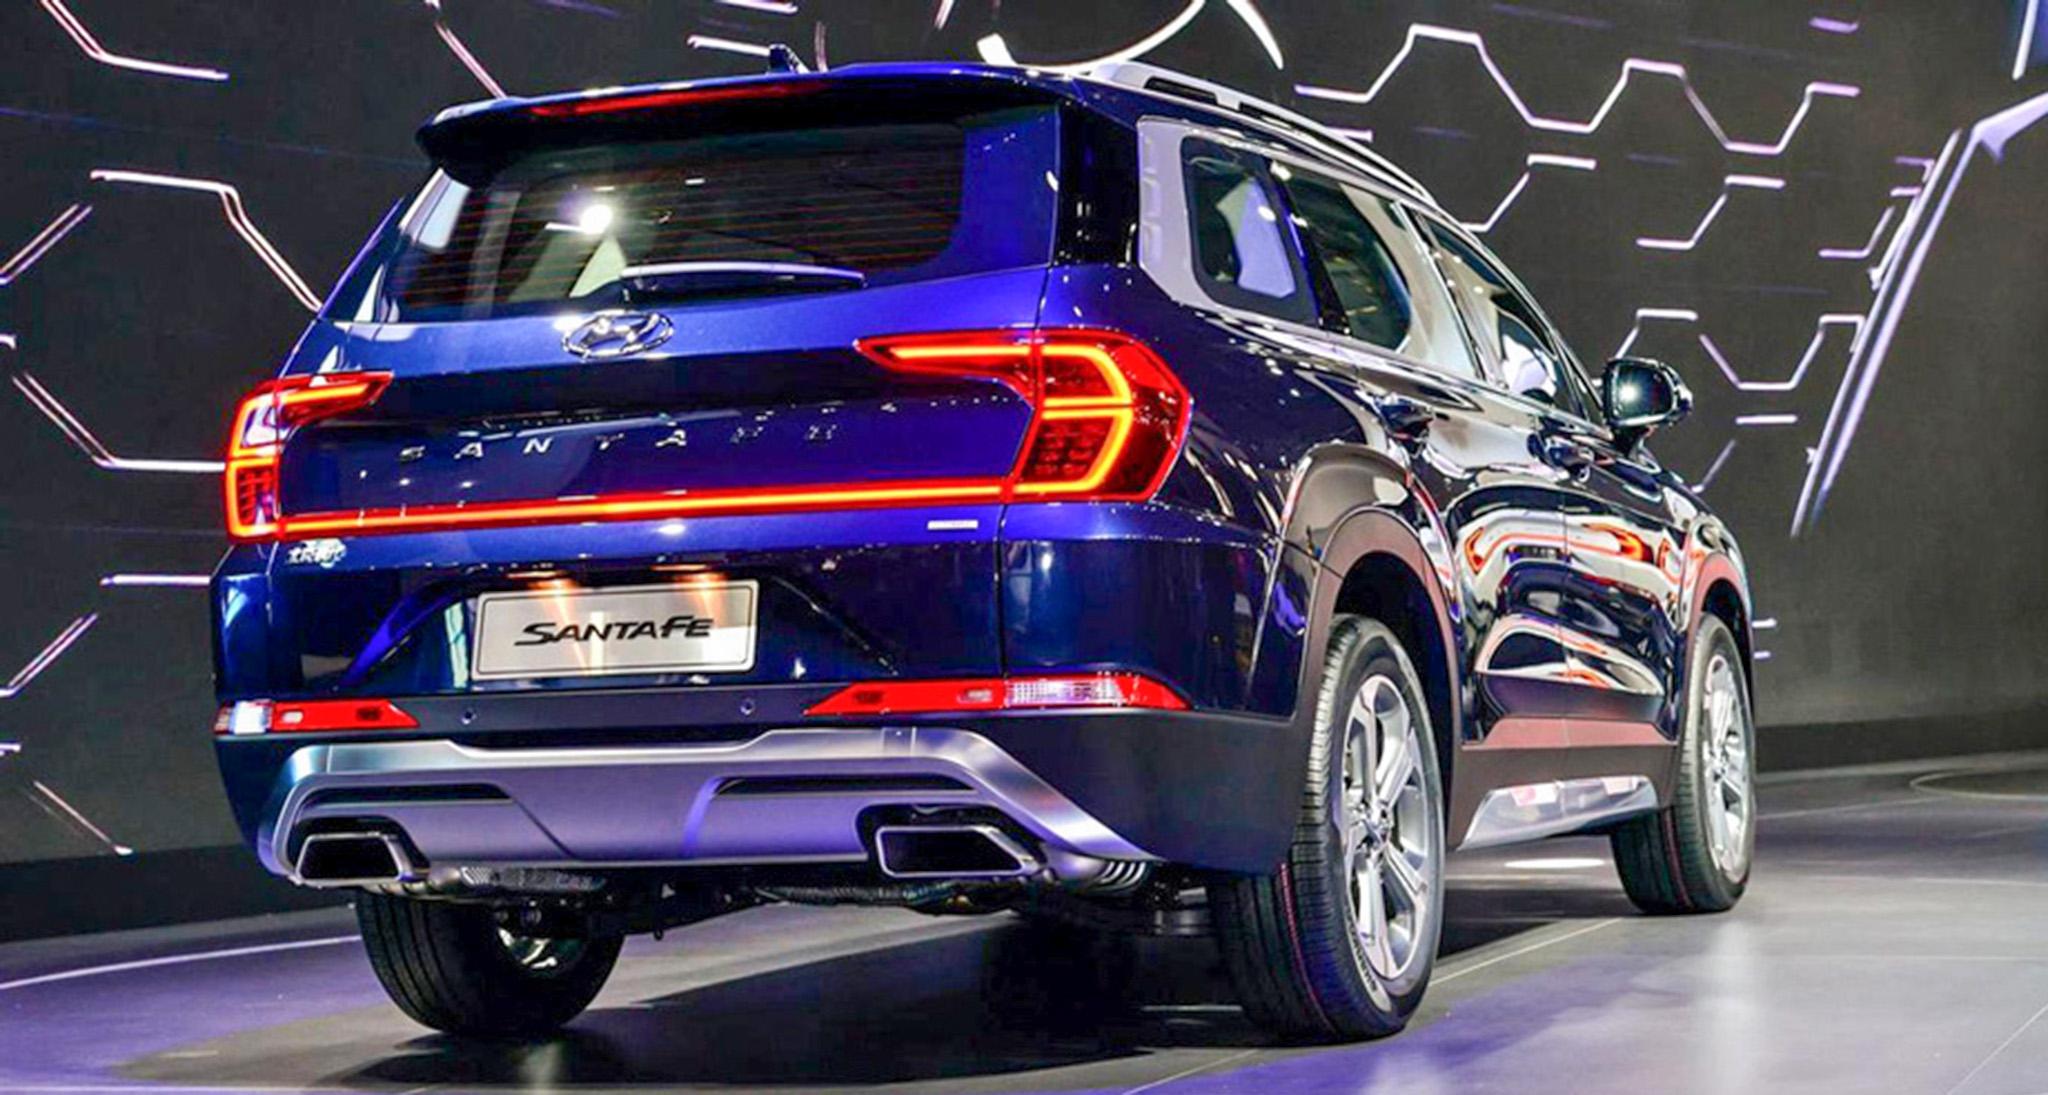 Hyundai SantaFe 2019 trục cơ sở dài ra mắt, thêm cảm biến vân tay